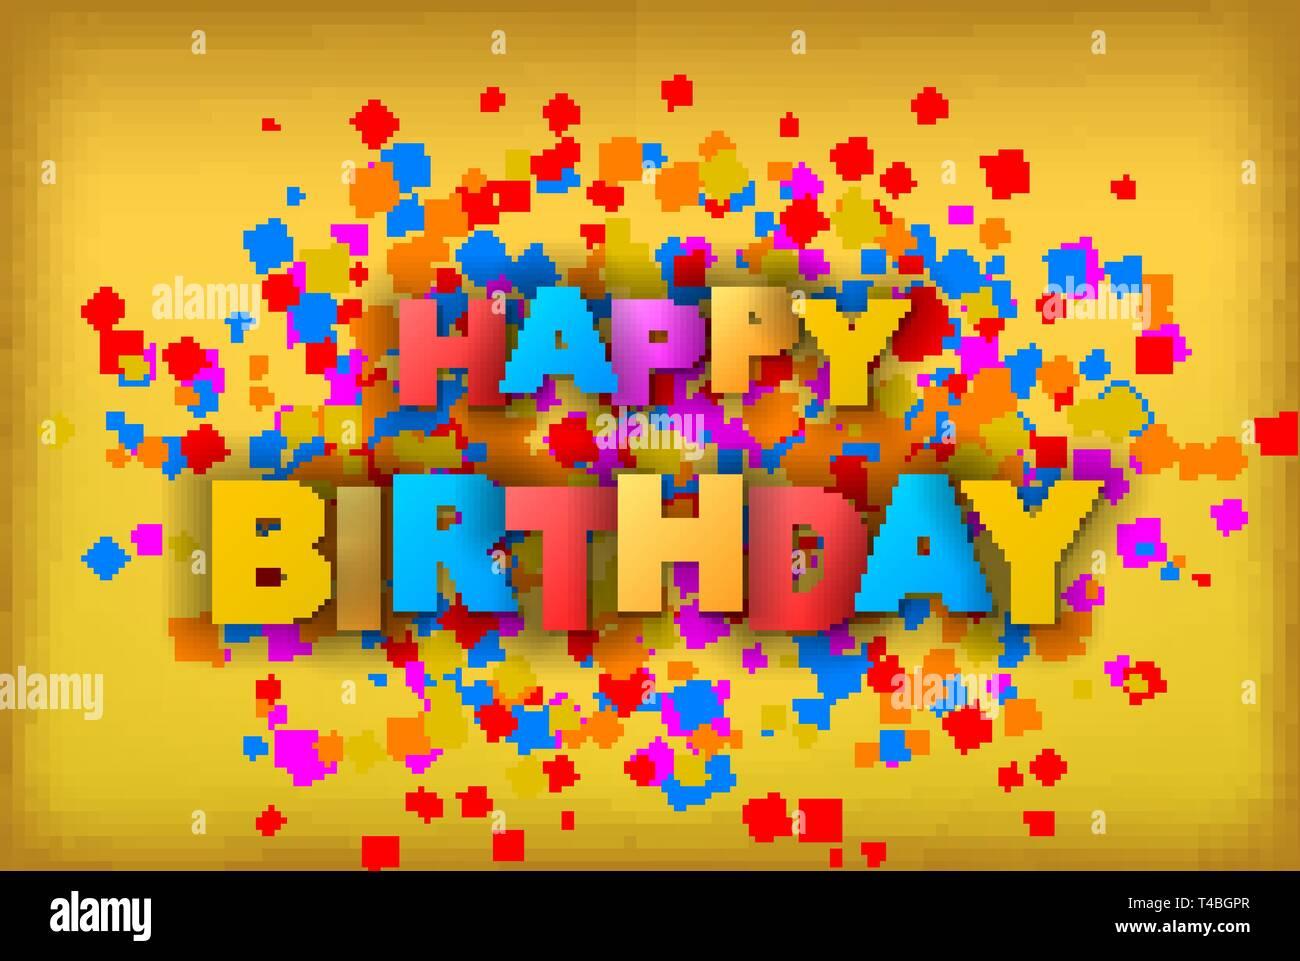 Feliz Cumpleaños Tarjeta De Felicitación El Folleto La